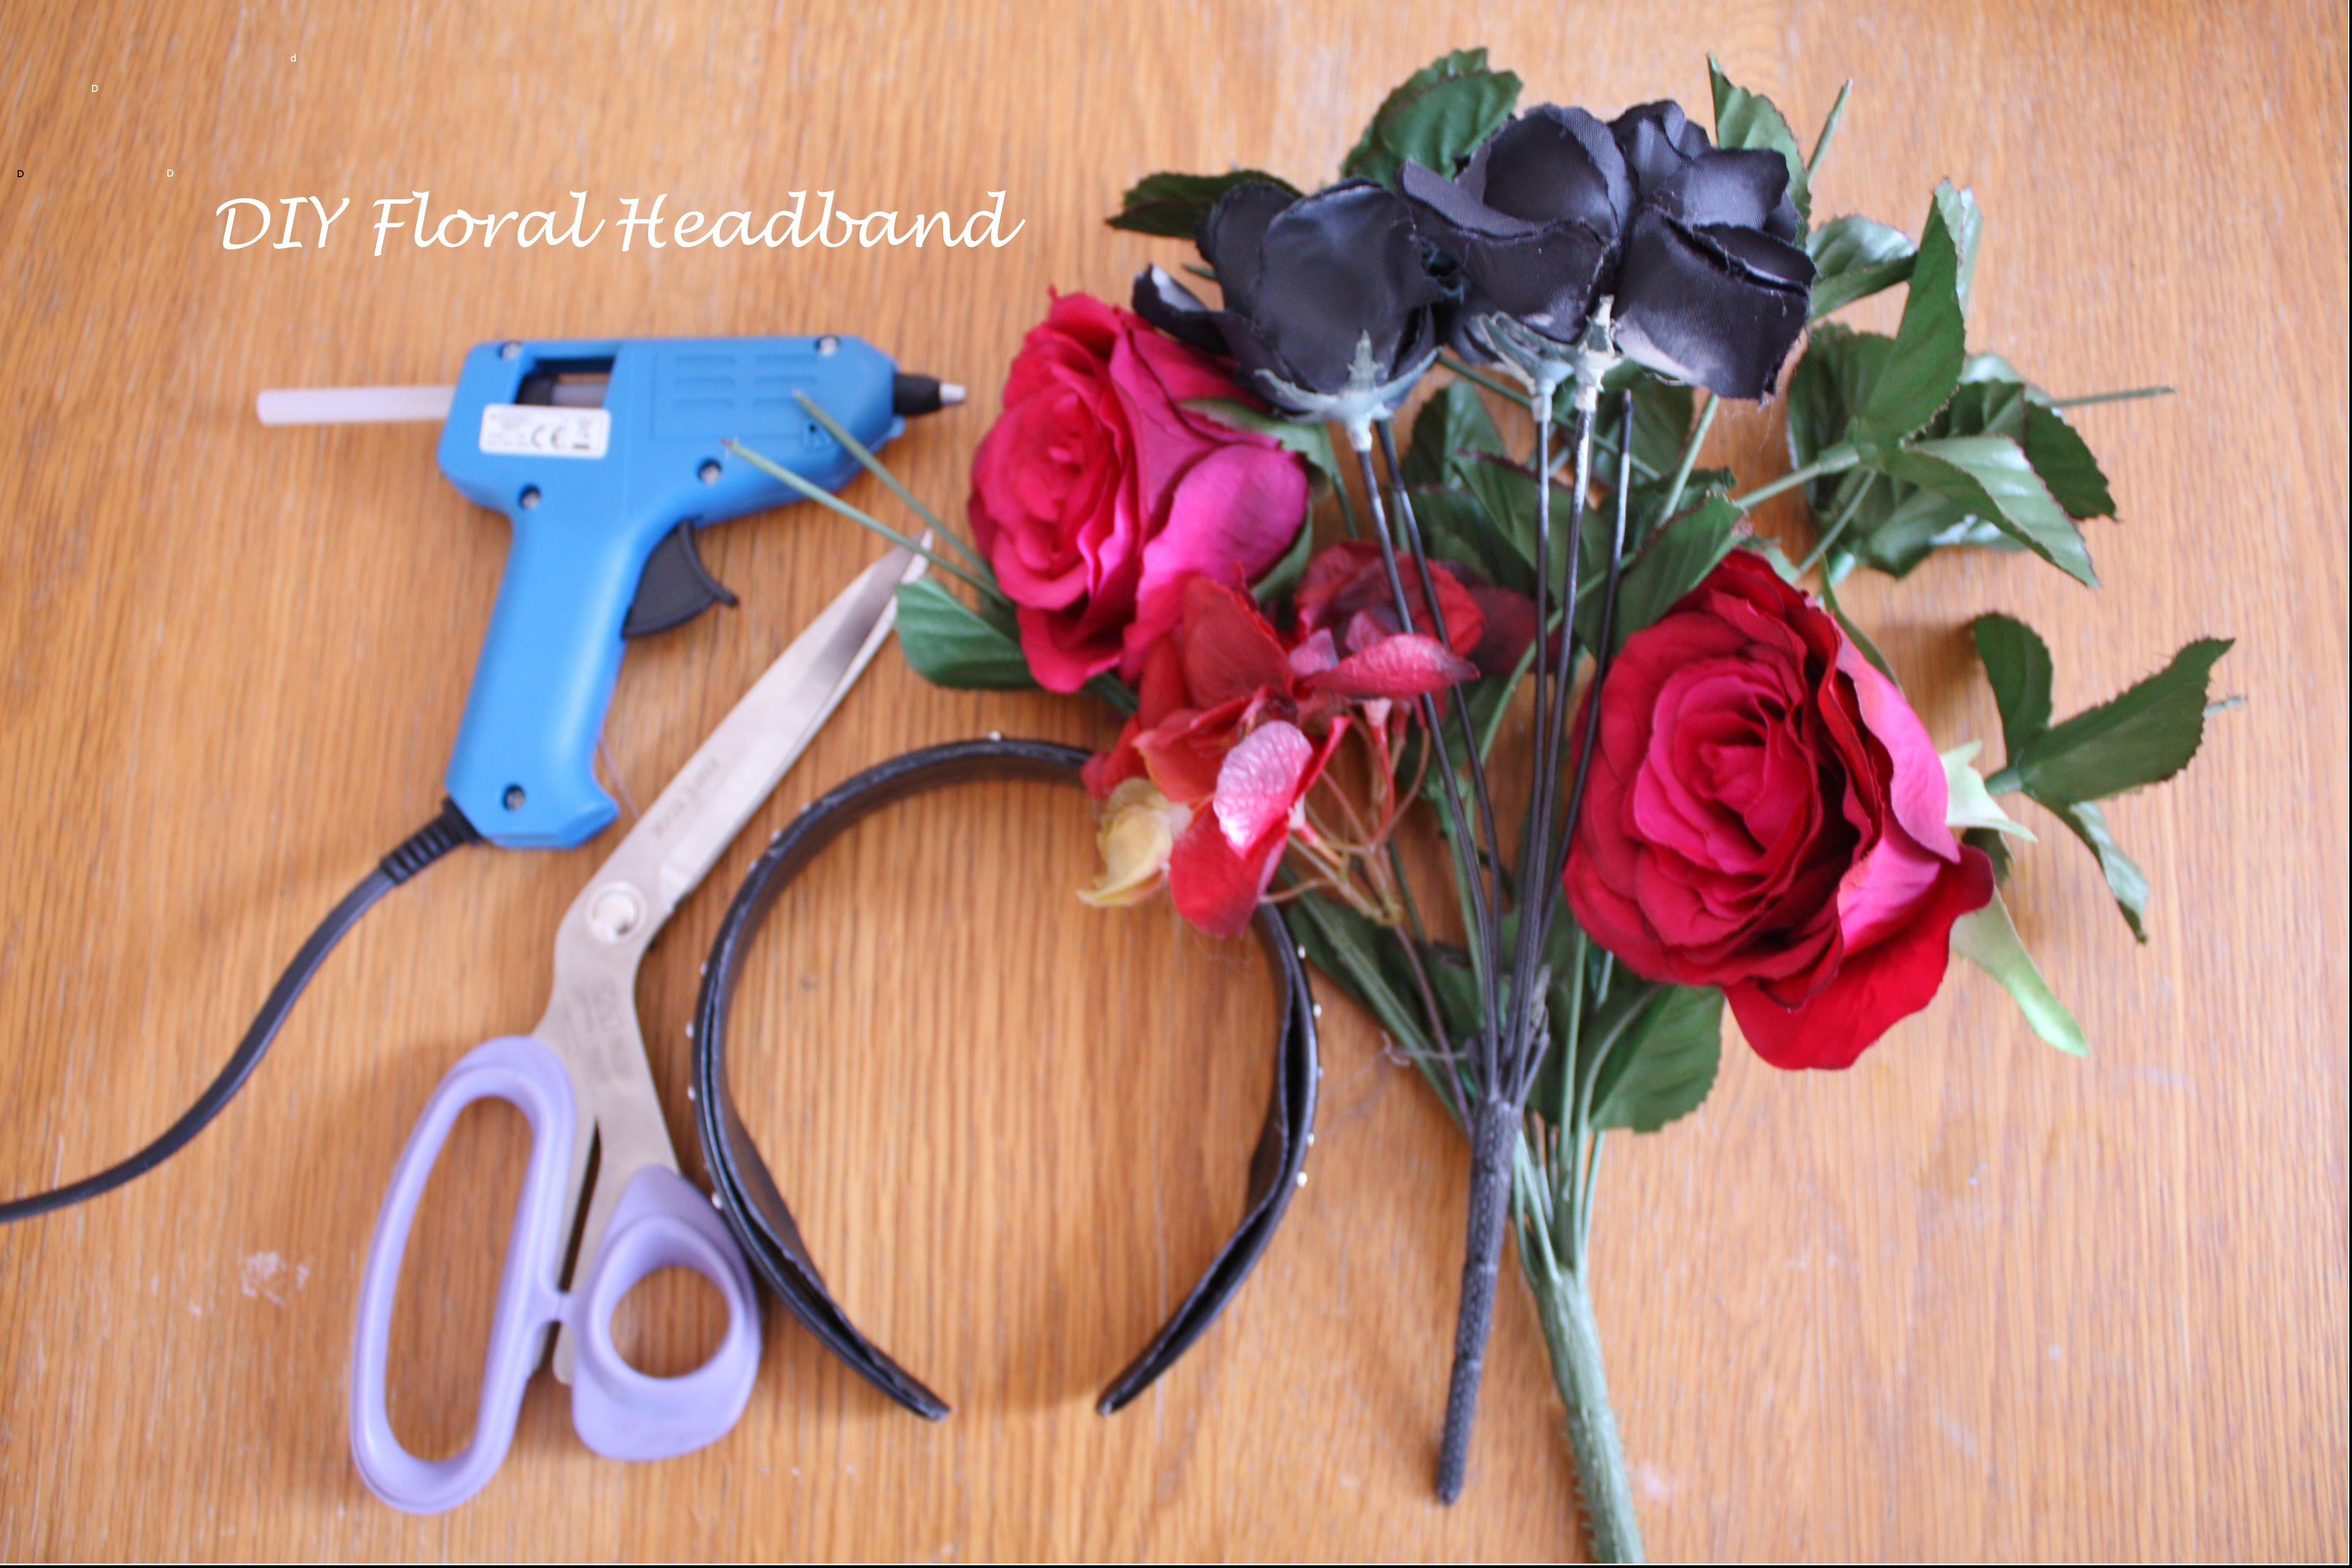 Diy Floral Headband Thisischichi